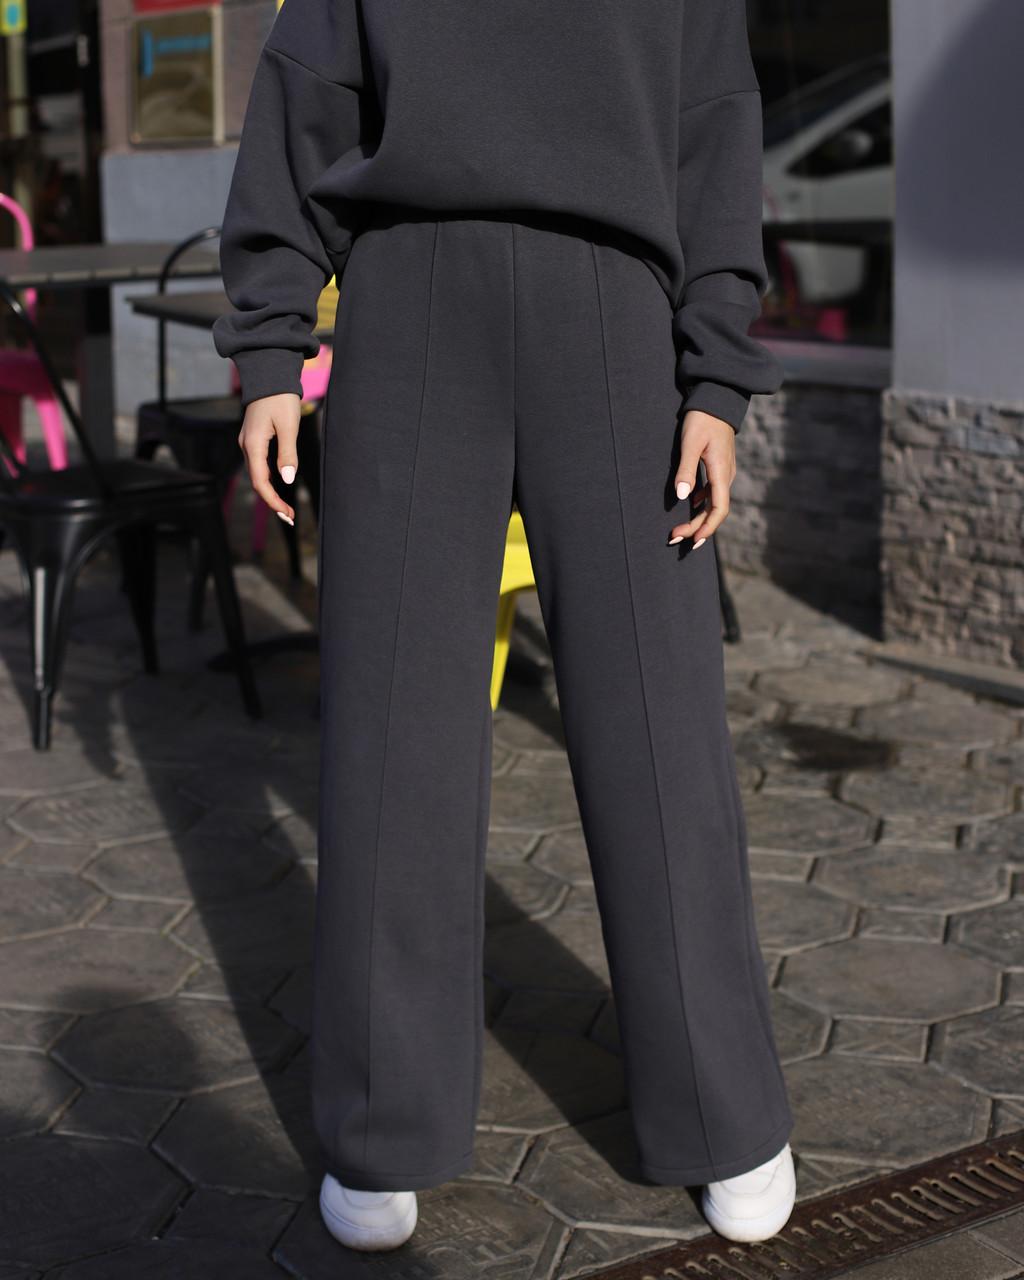 Зимнее спортивные штаны женские в цвете графит Джин от бренда ТУР  размер:  S- M